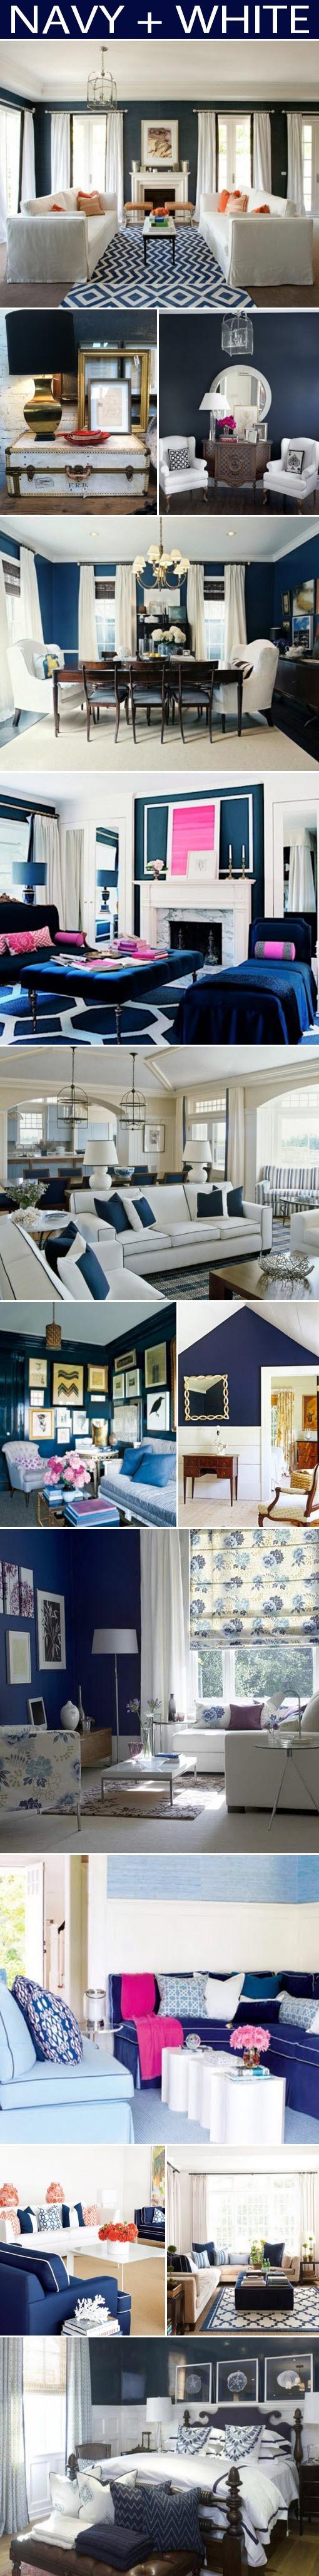 Branco e azul marinho para decorar 10